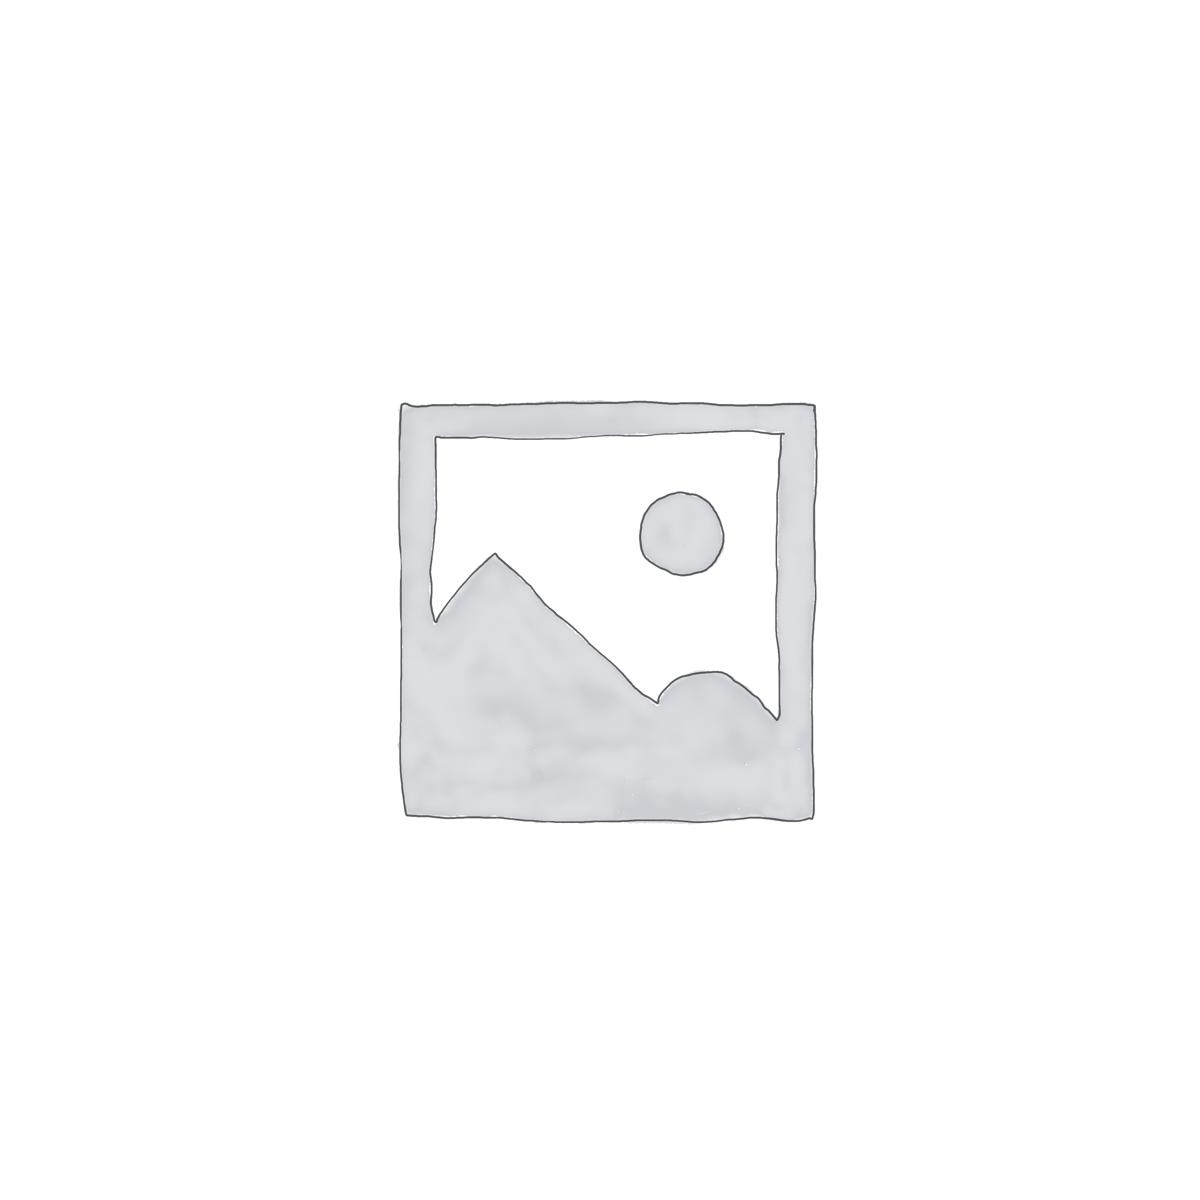 رله ۱۱ پایه ۳ کنتاکت ۱۱۰VAC , 10A کد ۵۵٫۳۳٫۸٫۱۱۰٫۰۰۵۰ finder ایتالیا